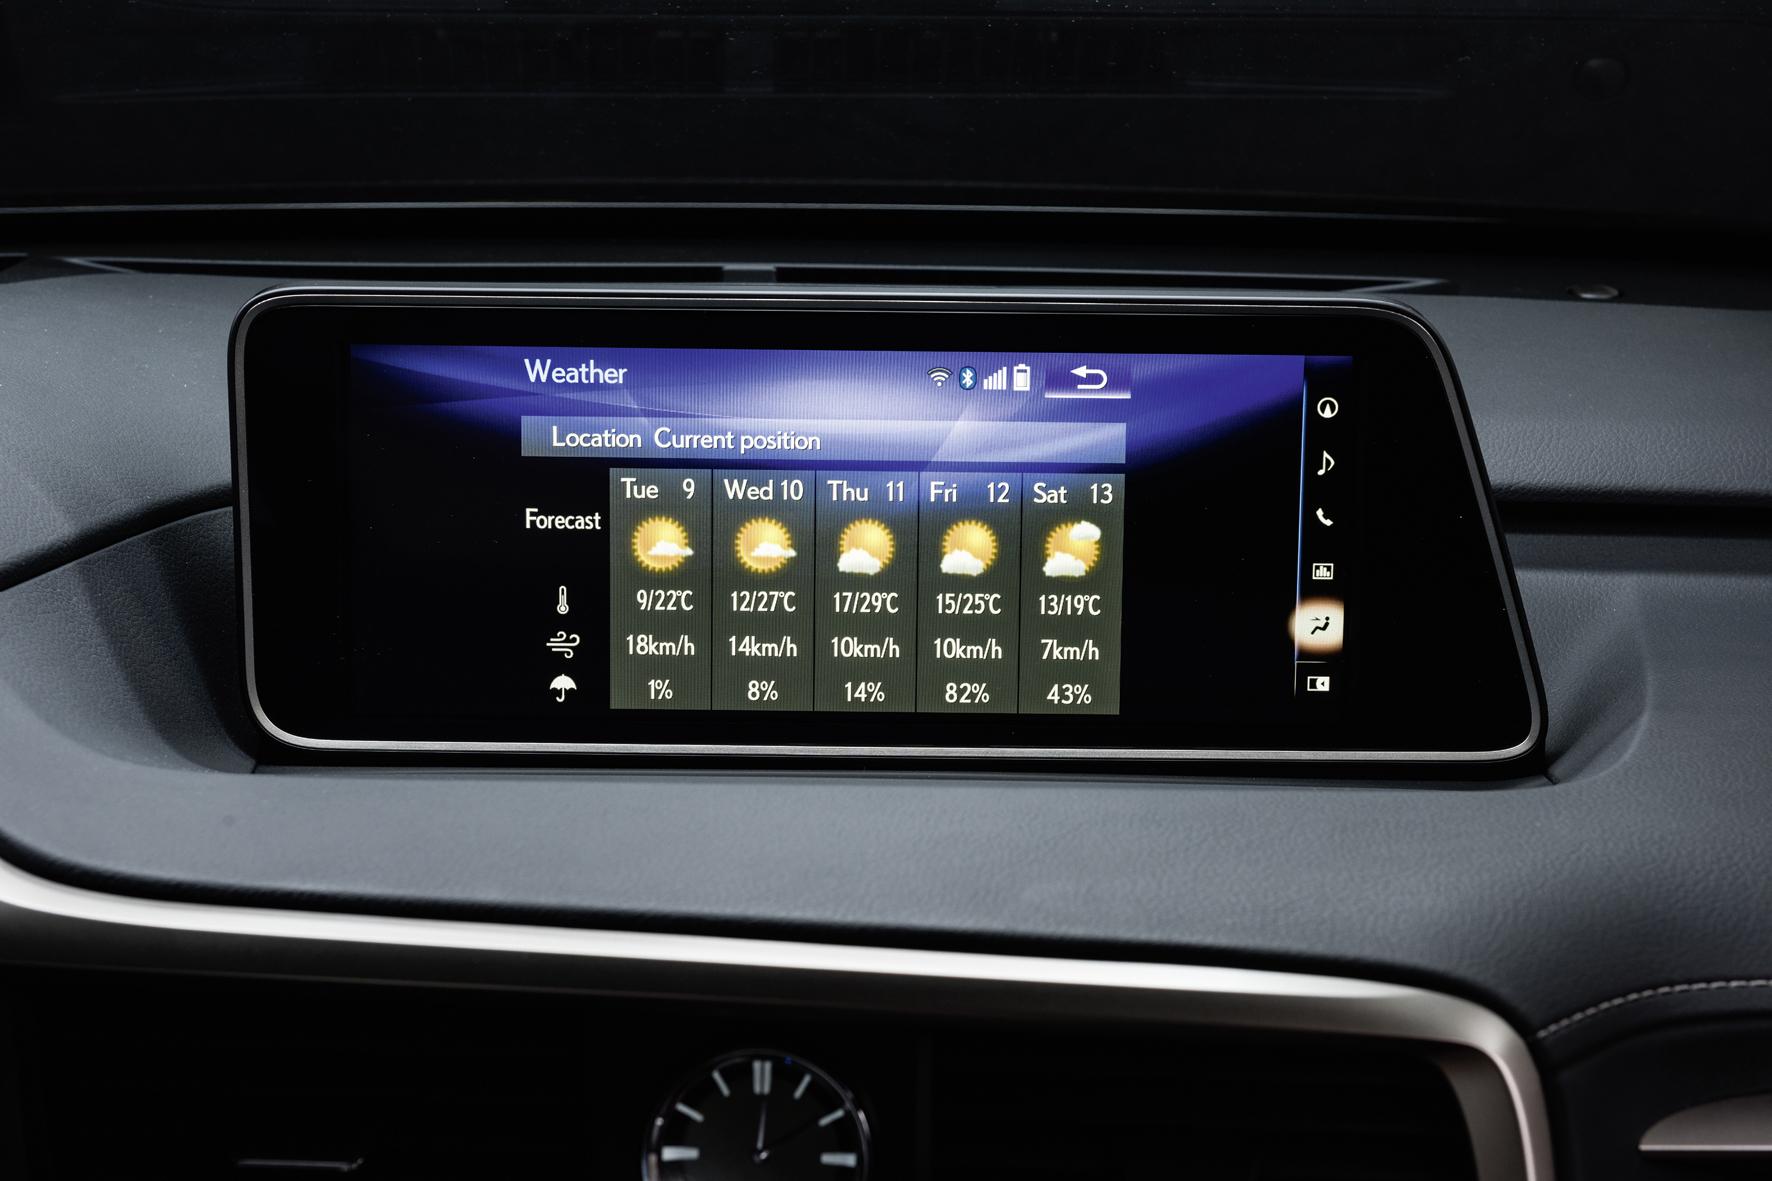 mid Köln - Lexus erweitert die in seinen Fahrzeugen verfügbaren Online-Dienste des Anbieters Inrix ab 2016 um eine Wetter-Vorschau (Foto) und eine Tankstellen-Suche mit Preisangaben.